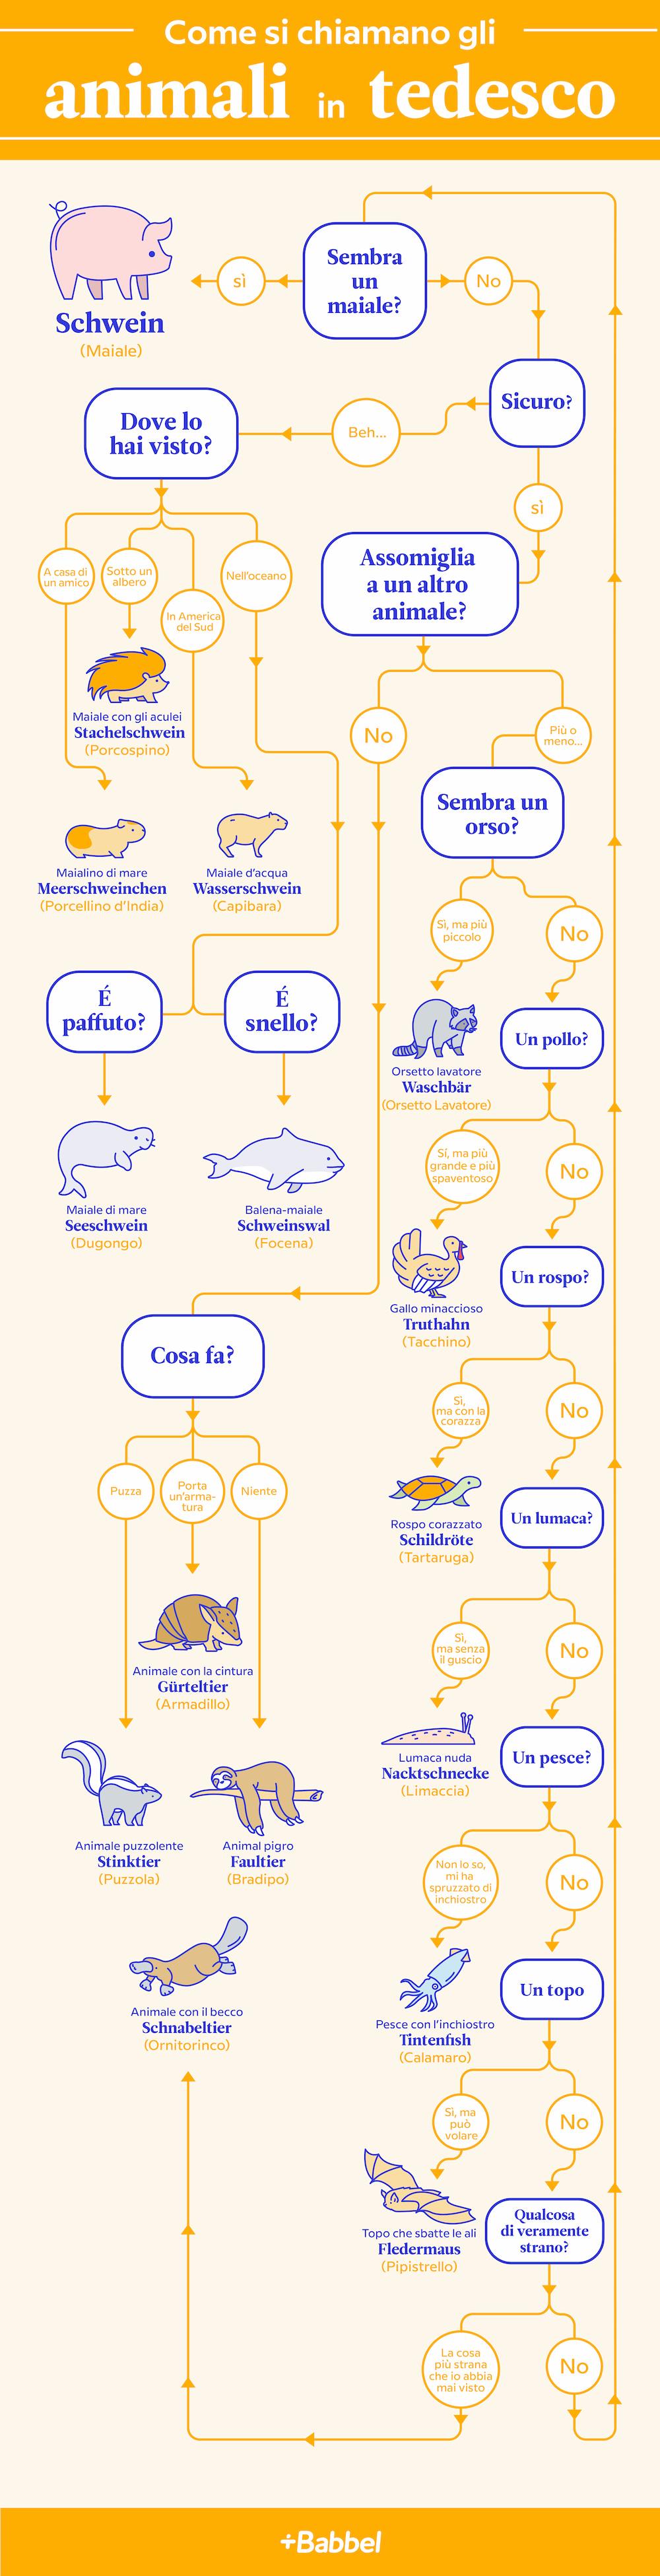 animali in tedesco